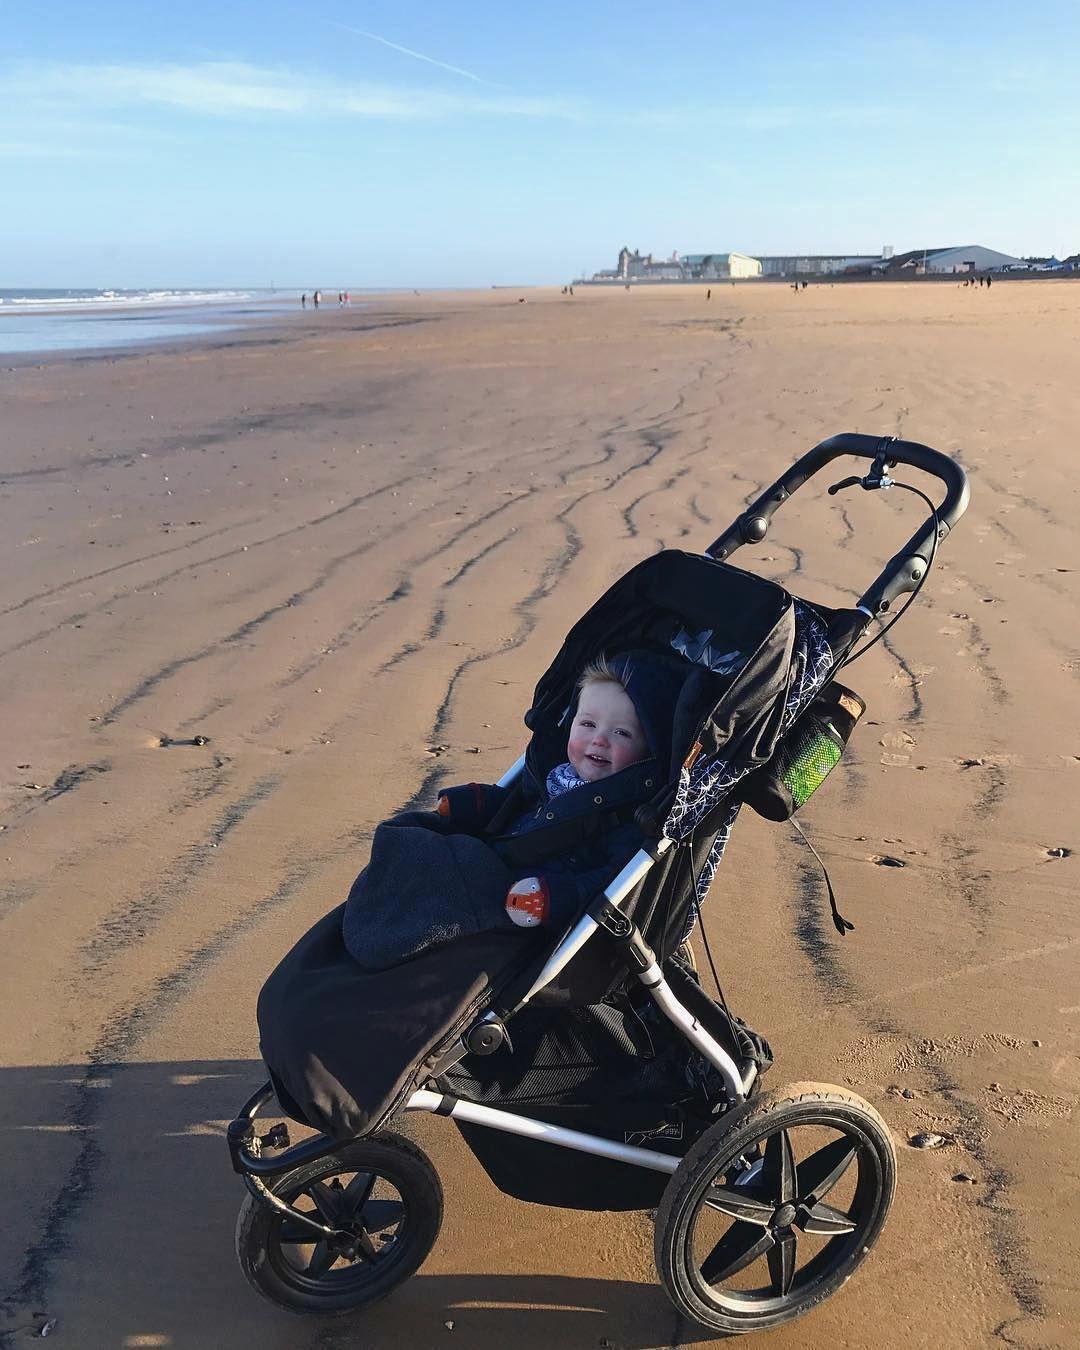 Sunshine, beach and graphite terrain. Repost from